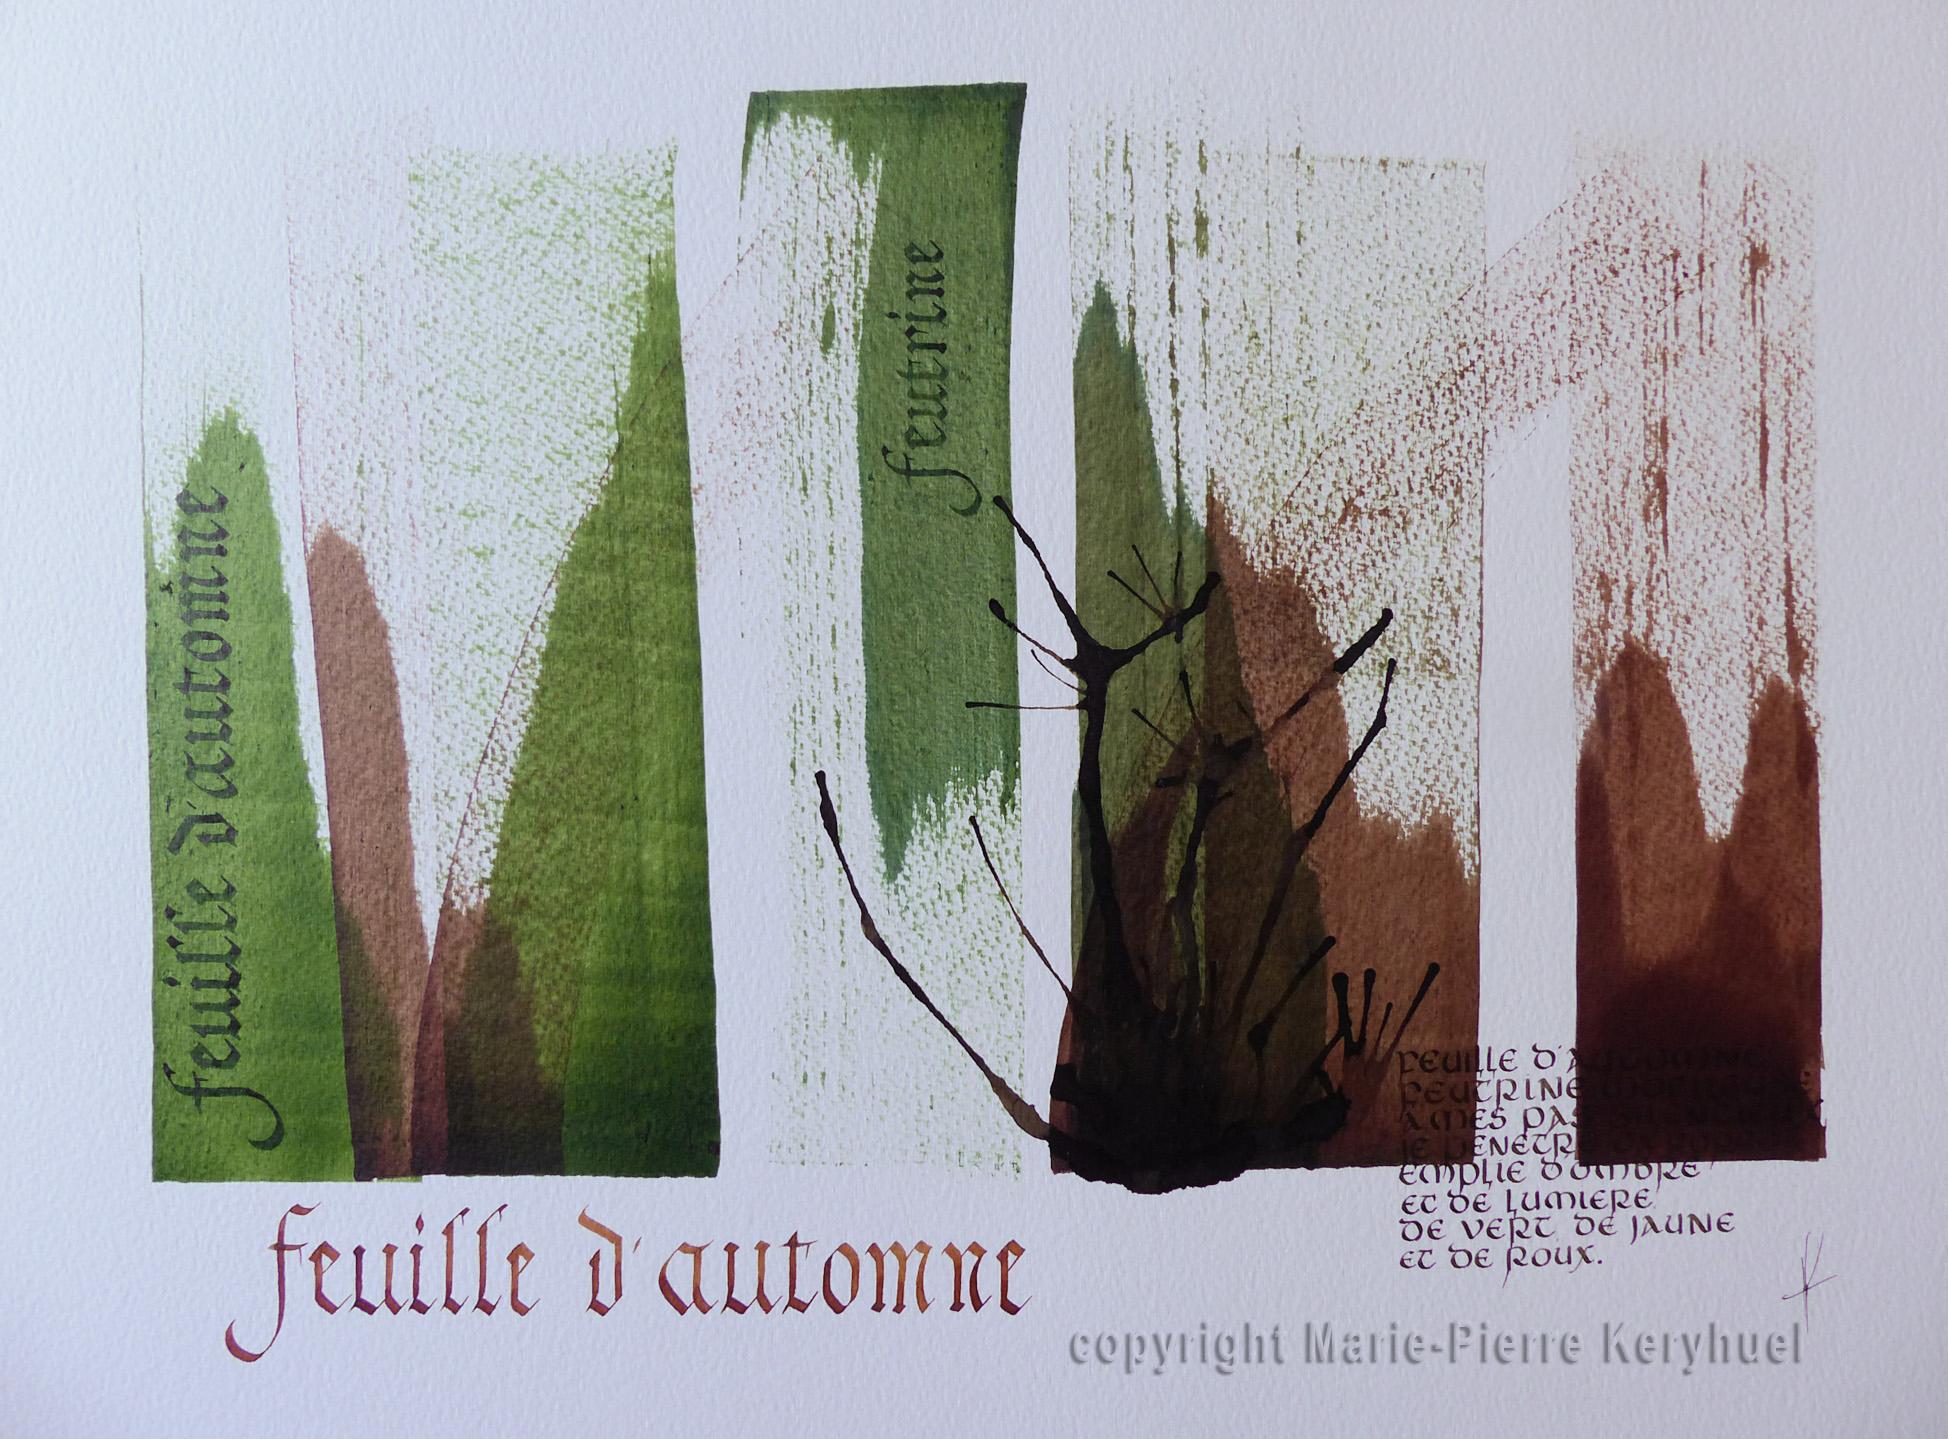 Exposition de calligraphies de Marie-Pierre Keryhuel